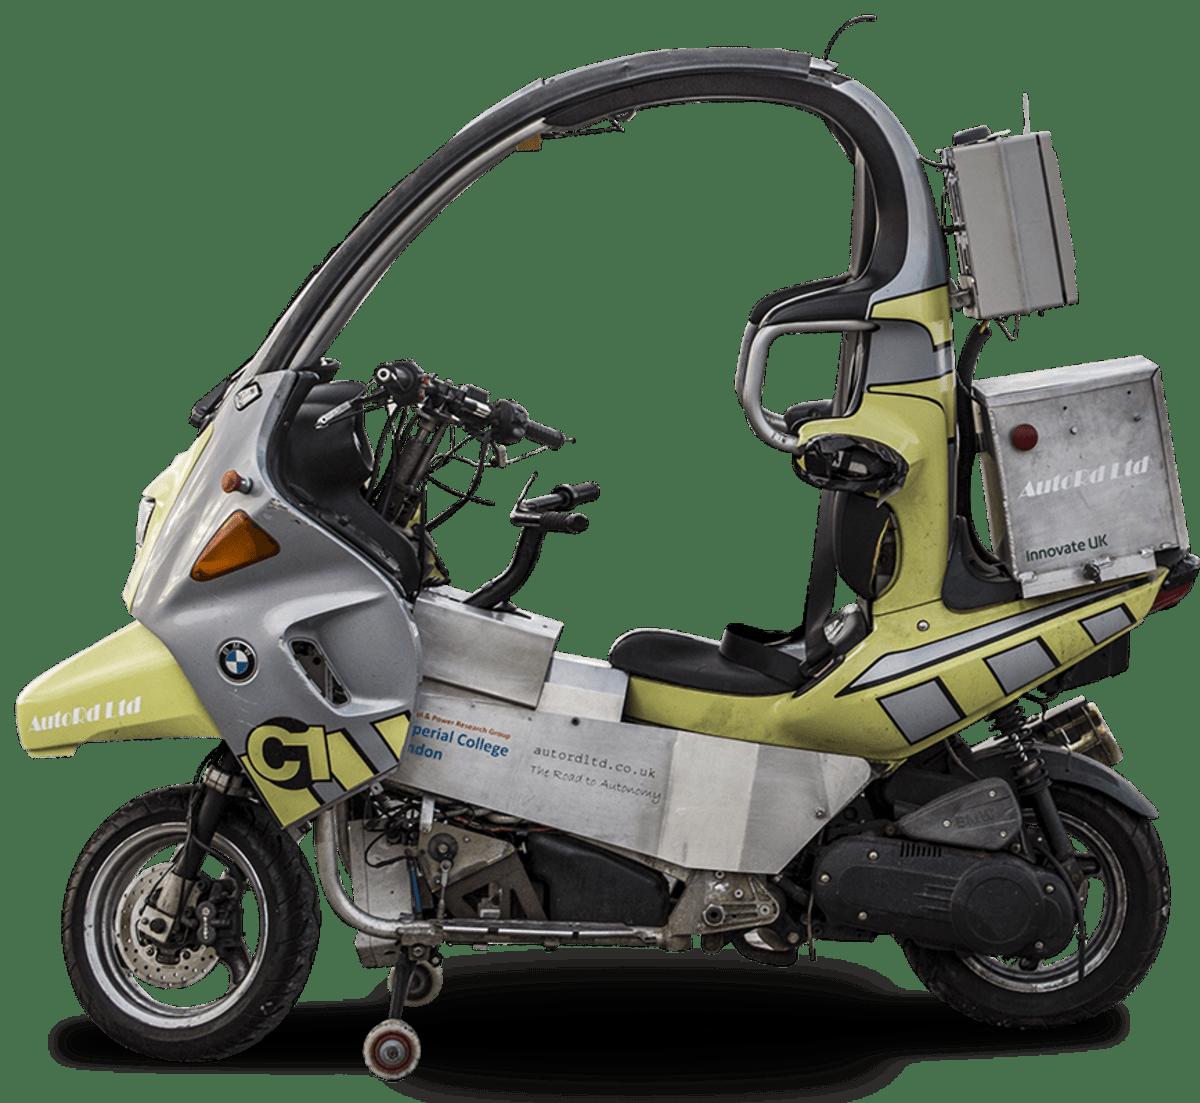 Brittiyhtiöt AutoRD ja AB Dynamics kehittivät itseohjautuvan moottoripyörän BMW C1 -skoottorin pohjalta.